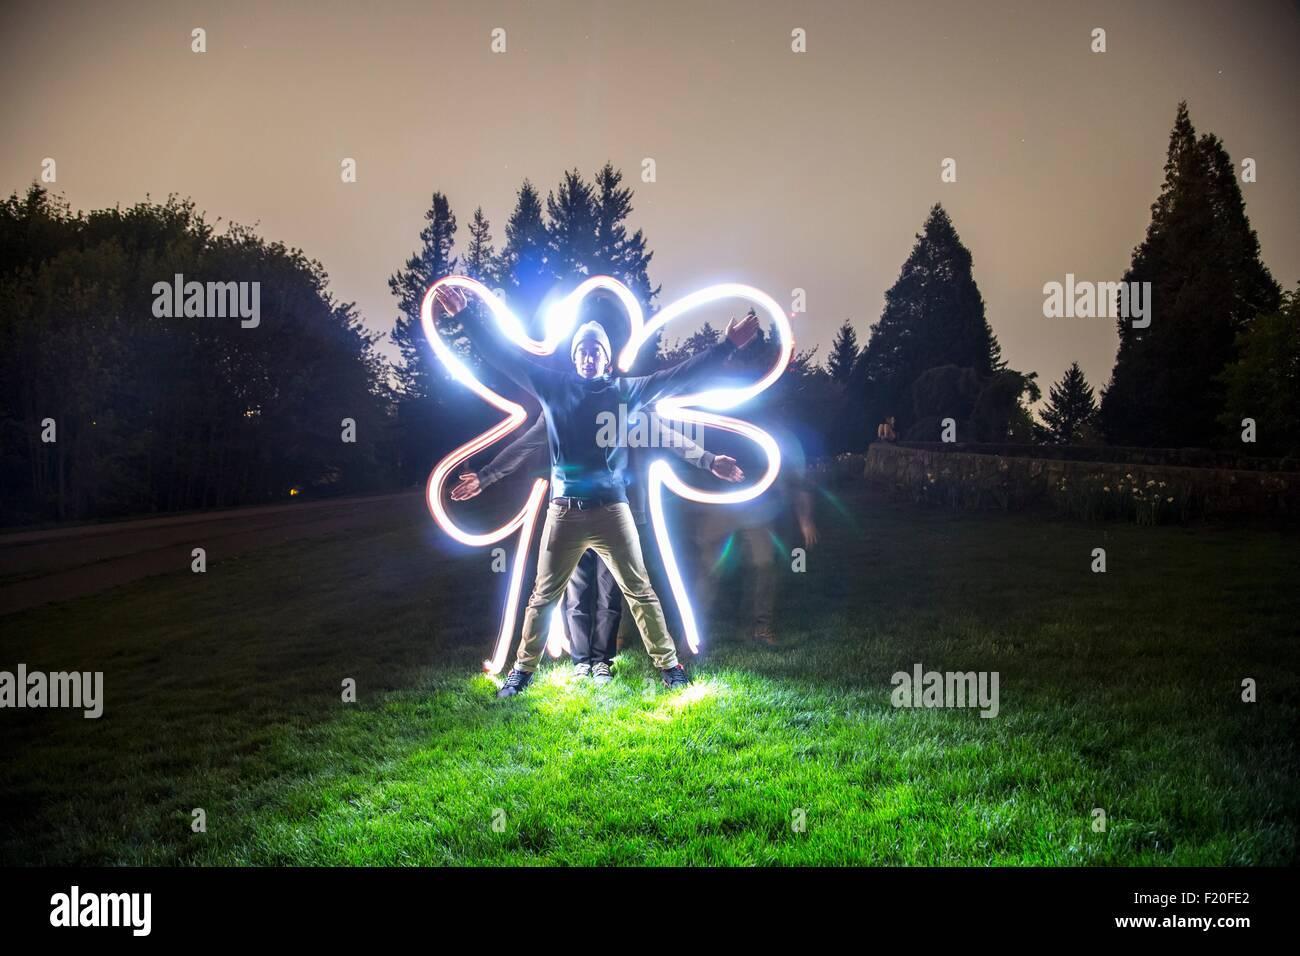 Zwei Männer stehen gemeinsam im Feld in der Dämmerung, erstellen Sternform mit Körpern, Freund Ablaufverfolgung Stockbild